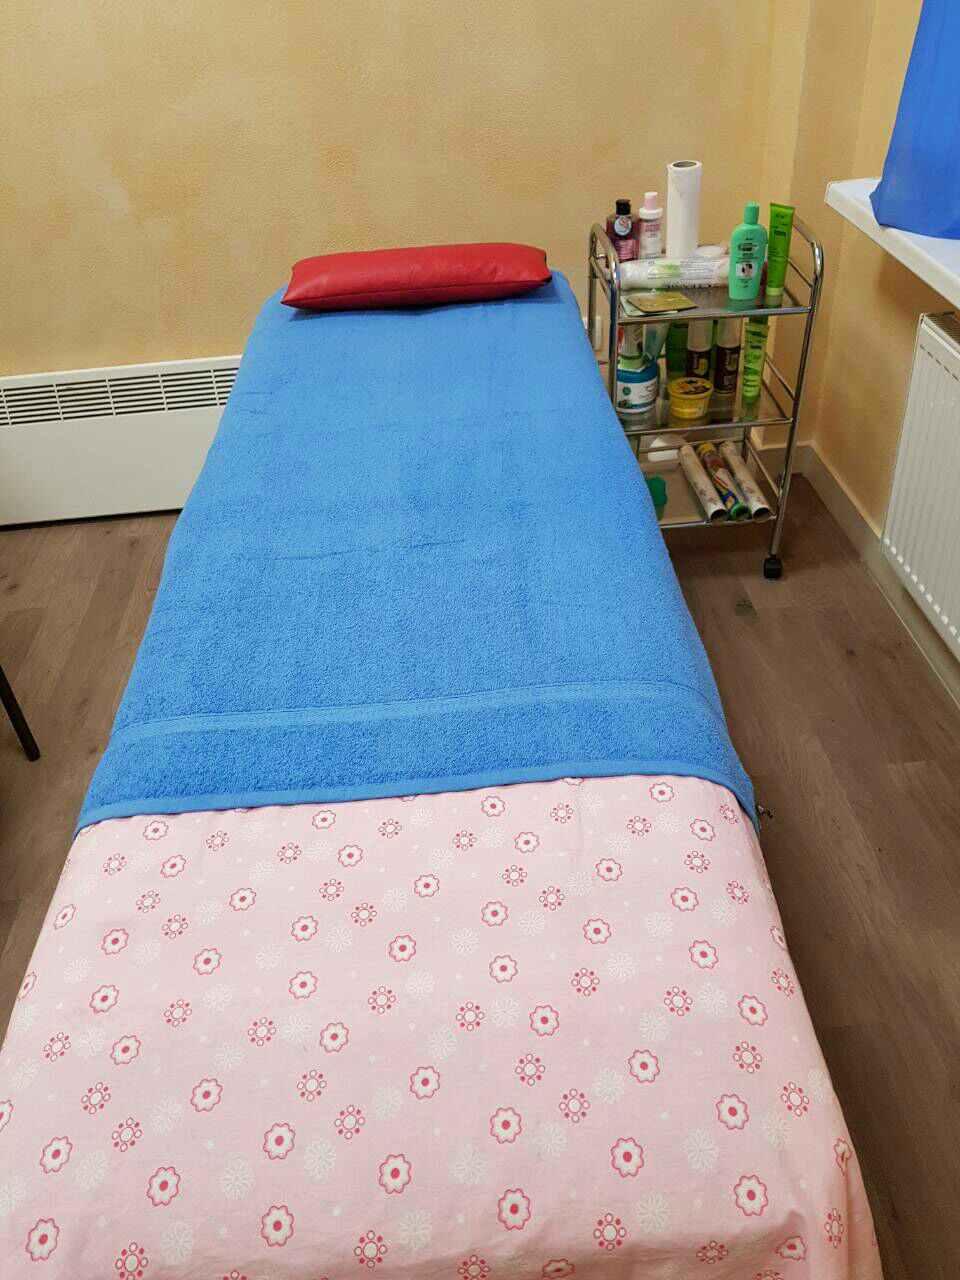 Массаж лица, тела от 13 руб, первый сеанс детского массажа бесплатно (0 руб)!